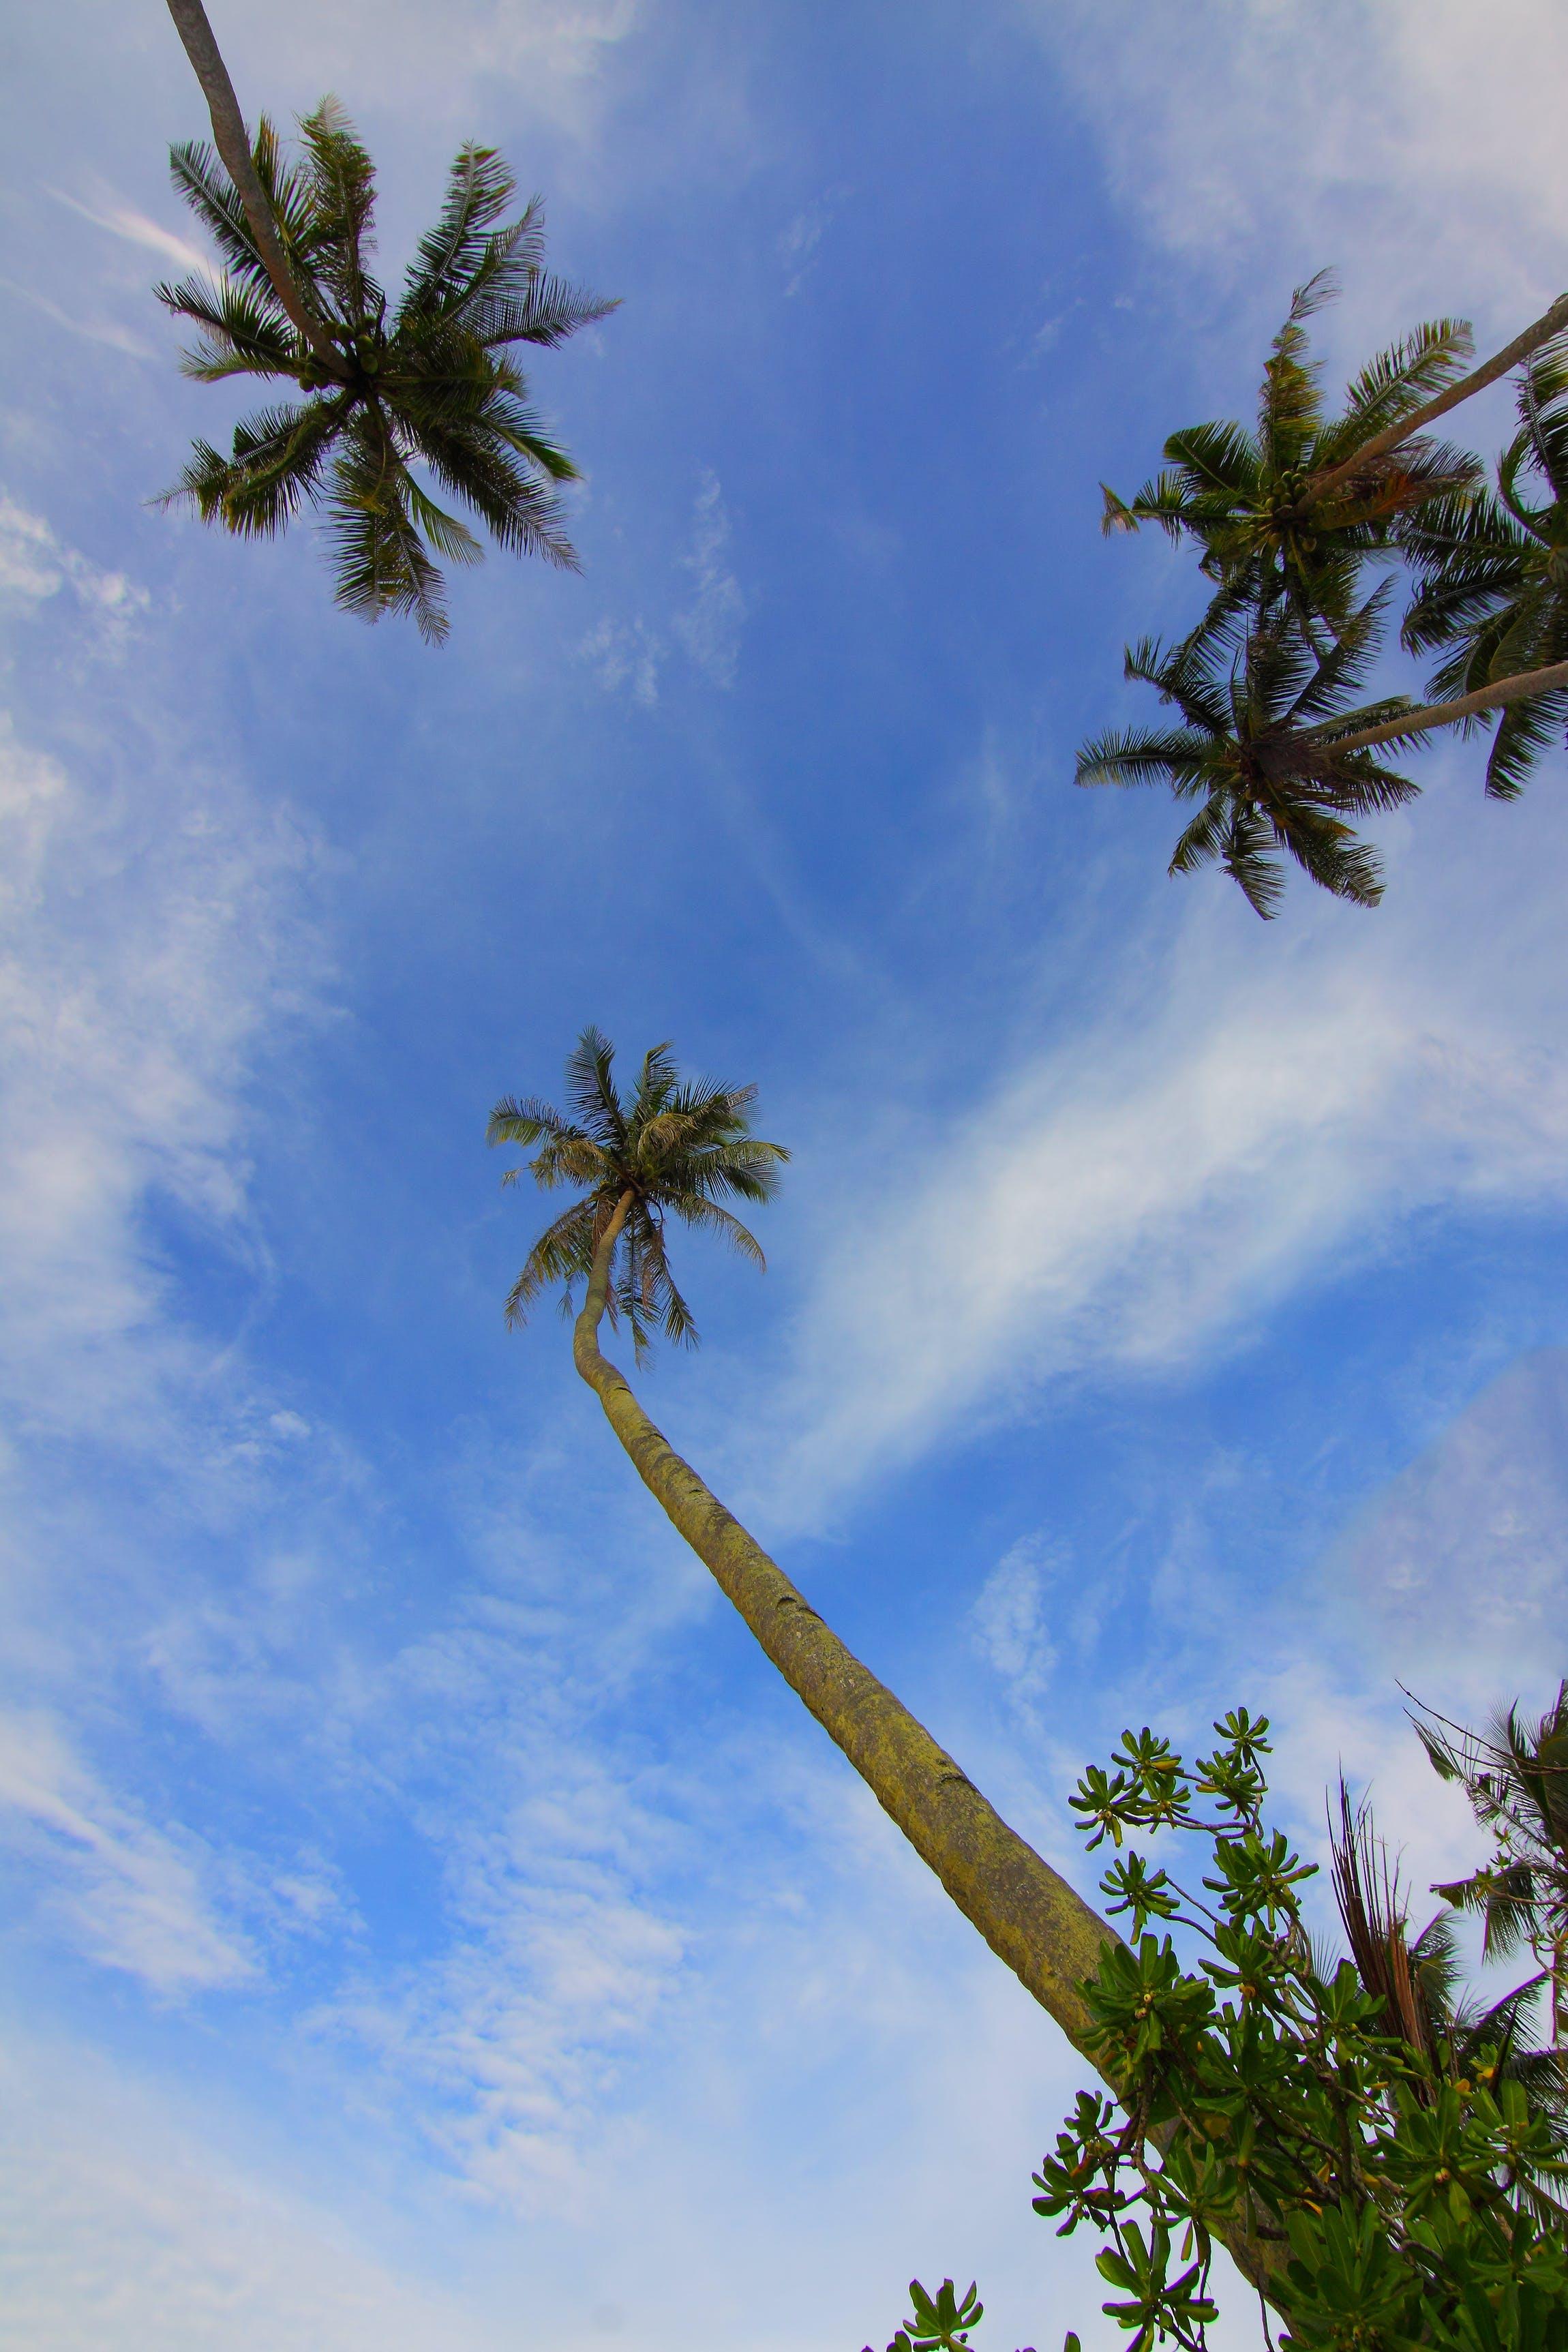 구름, 나무, 야자수, 자연의 무료 스톡 사진